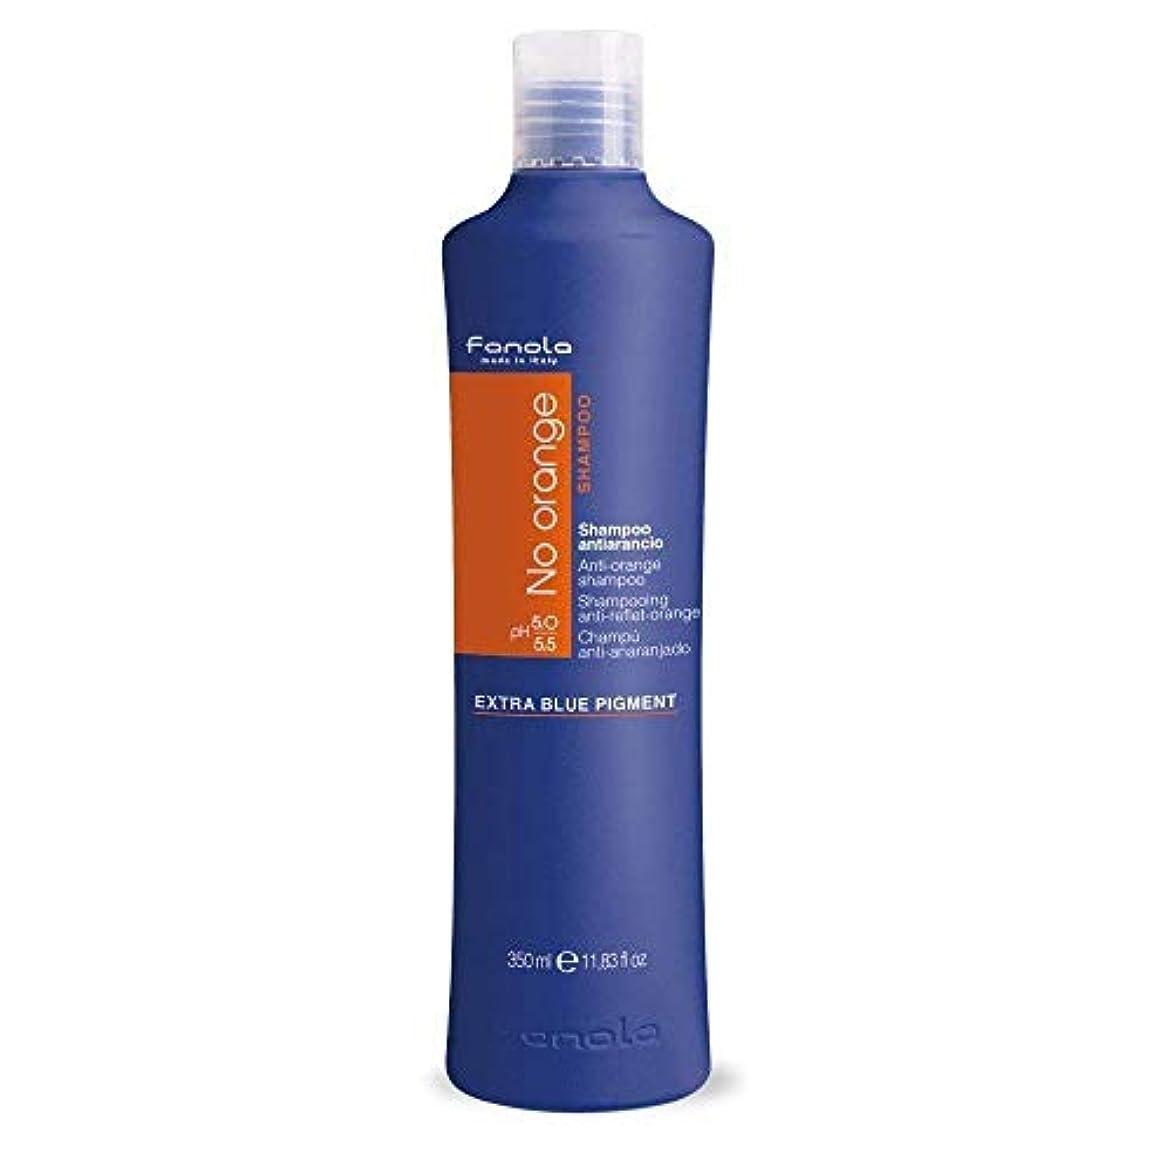 マインドマイルフェードアウトFanola No Orange Shampoo 350 ml  青カラーシャンプー ノーオレンジ シャンプー 海外直送 [並行輸入品]